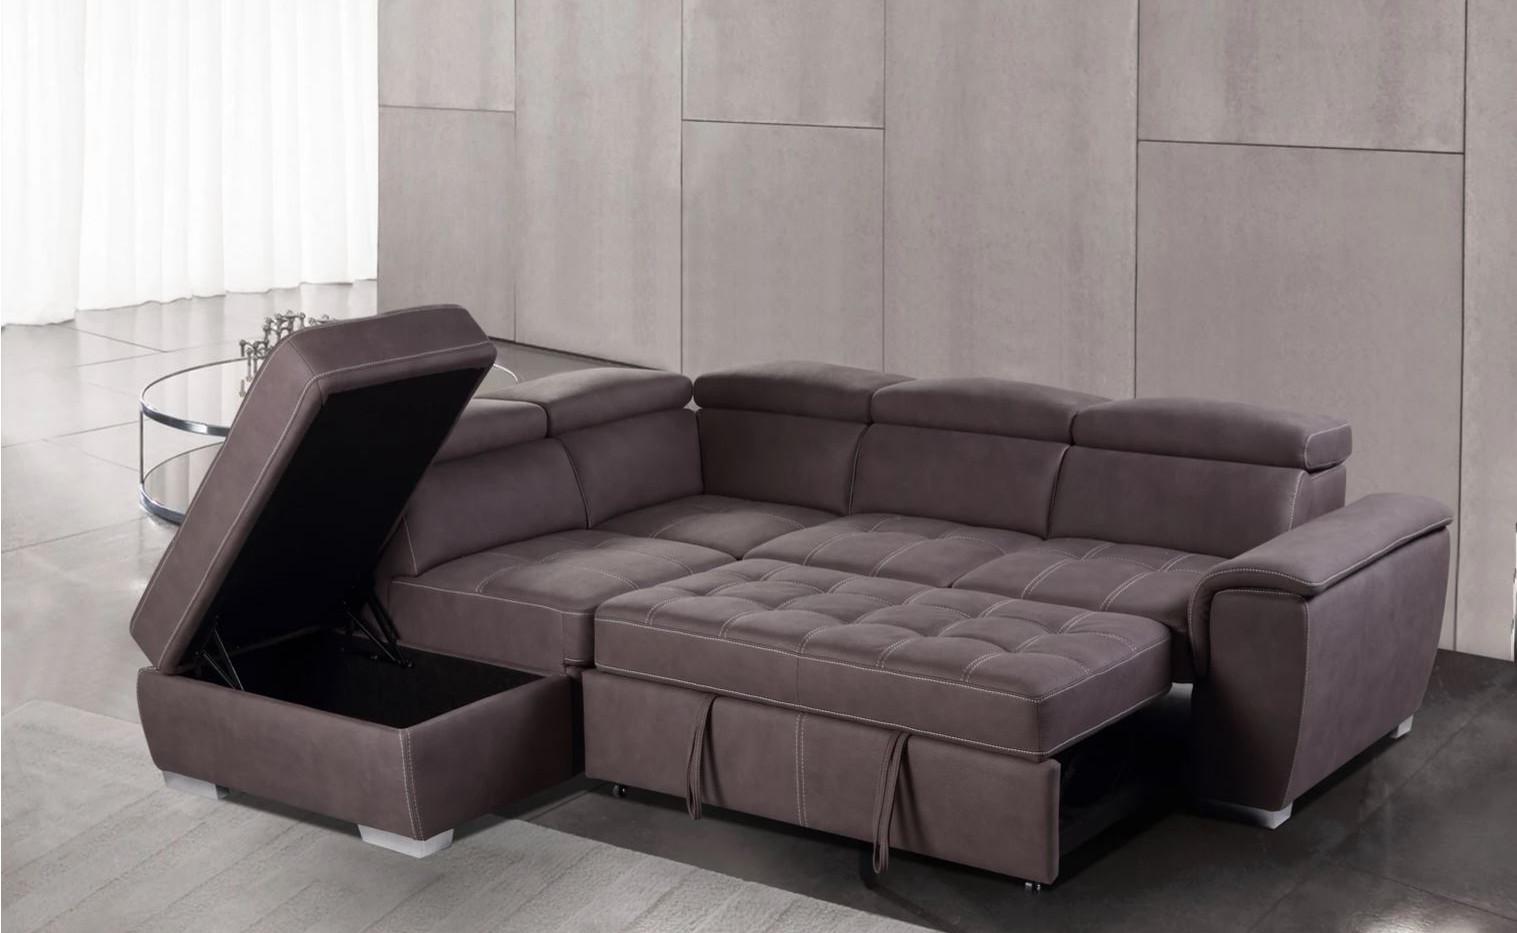 capri corner bed.JPG